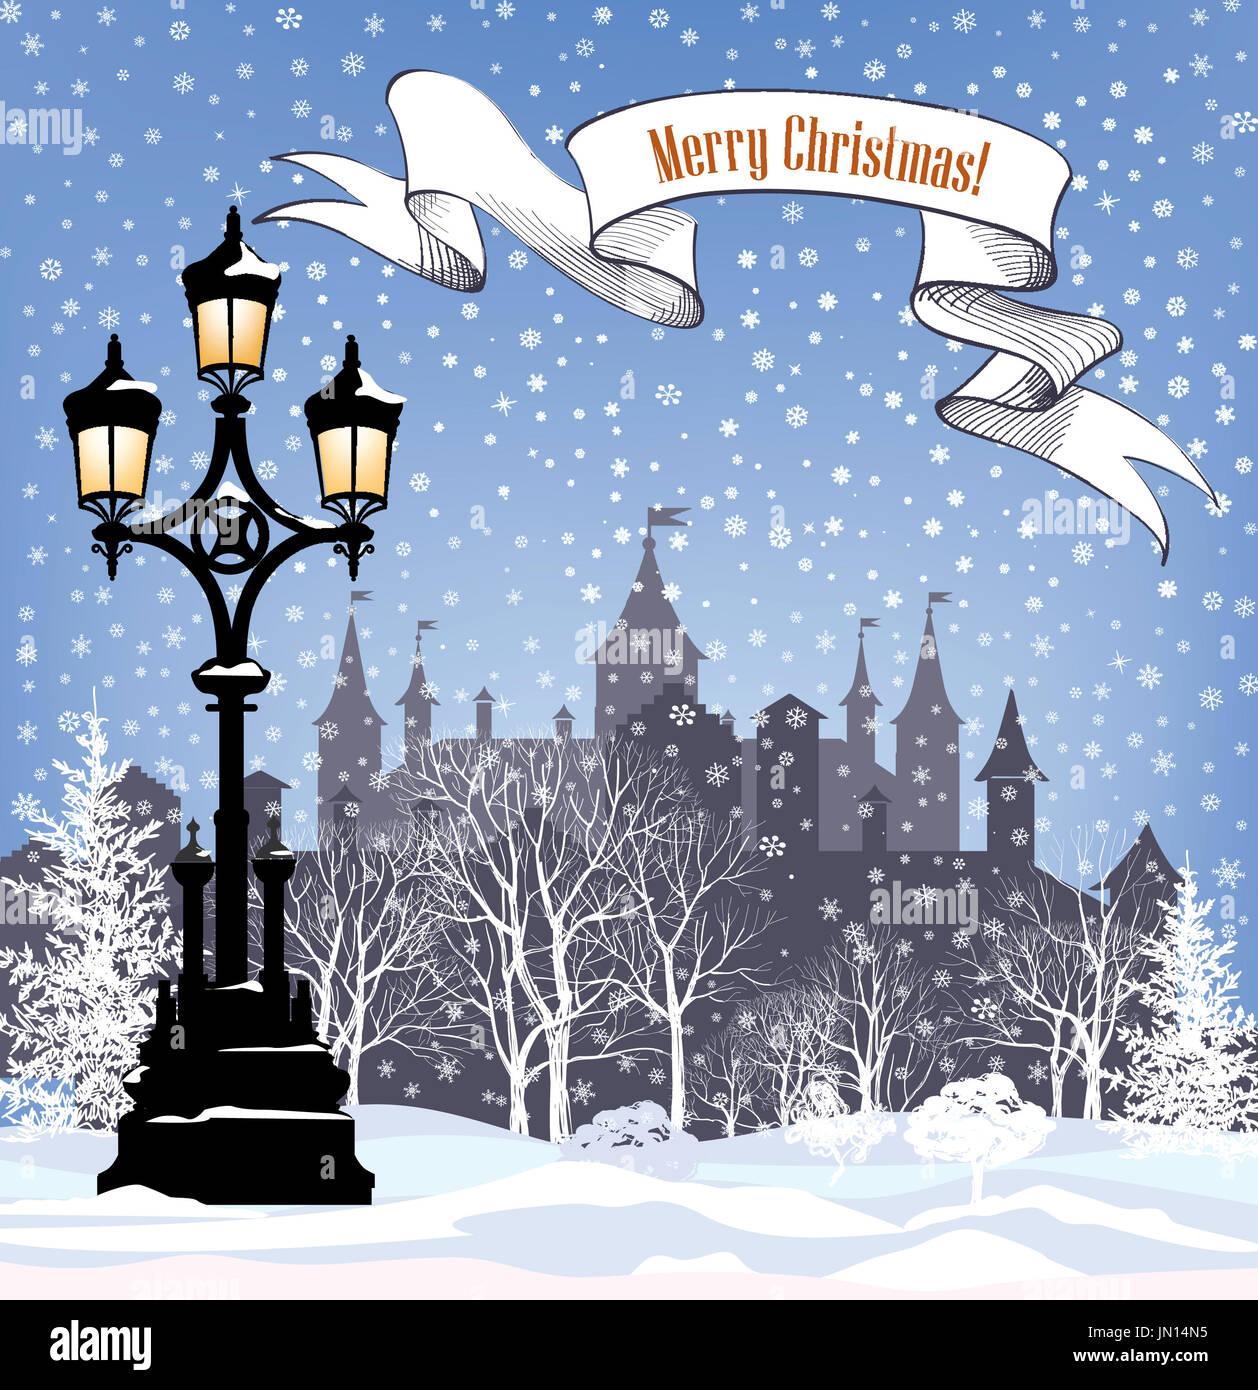 Winterurlaub Schnee Hintergrund. frohe Weihnachten Grußkarte ...